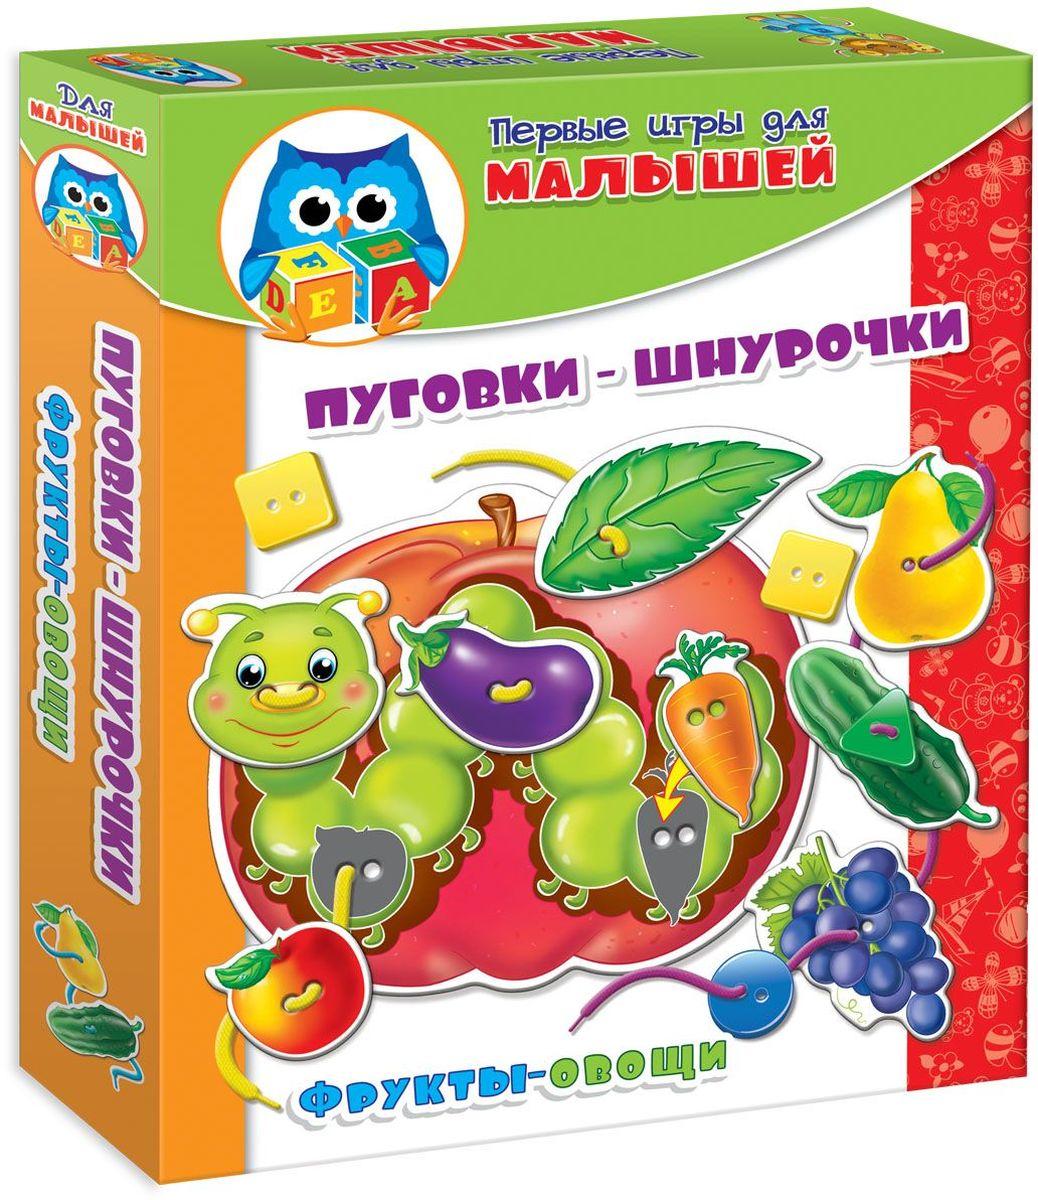 Vladi Toys Обучающая игра Фрукты-овощиVT1307-09В набор Vladi Toys Фрукты-овощи вы найдете большое яблоко с веселой гусеничкой. К нему нужно пришнуровать картонные фрукты и овощи, а также крупные красочные пуговицы. Яркие персонажи, шнурочки и крупные разноцветные пуговки придутся по душе вашему малышу.